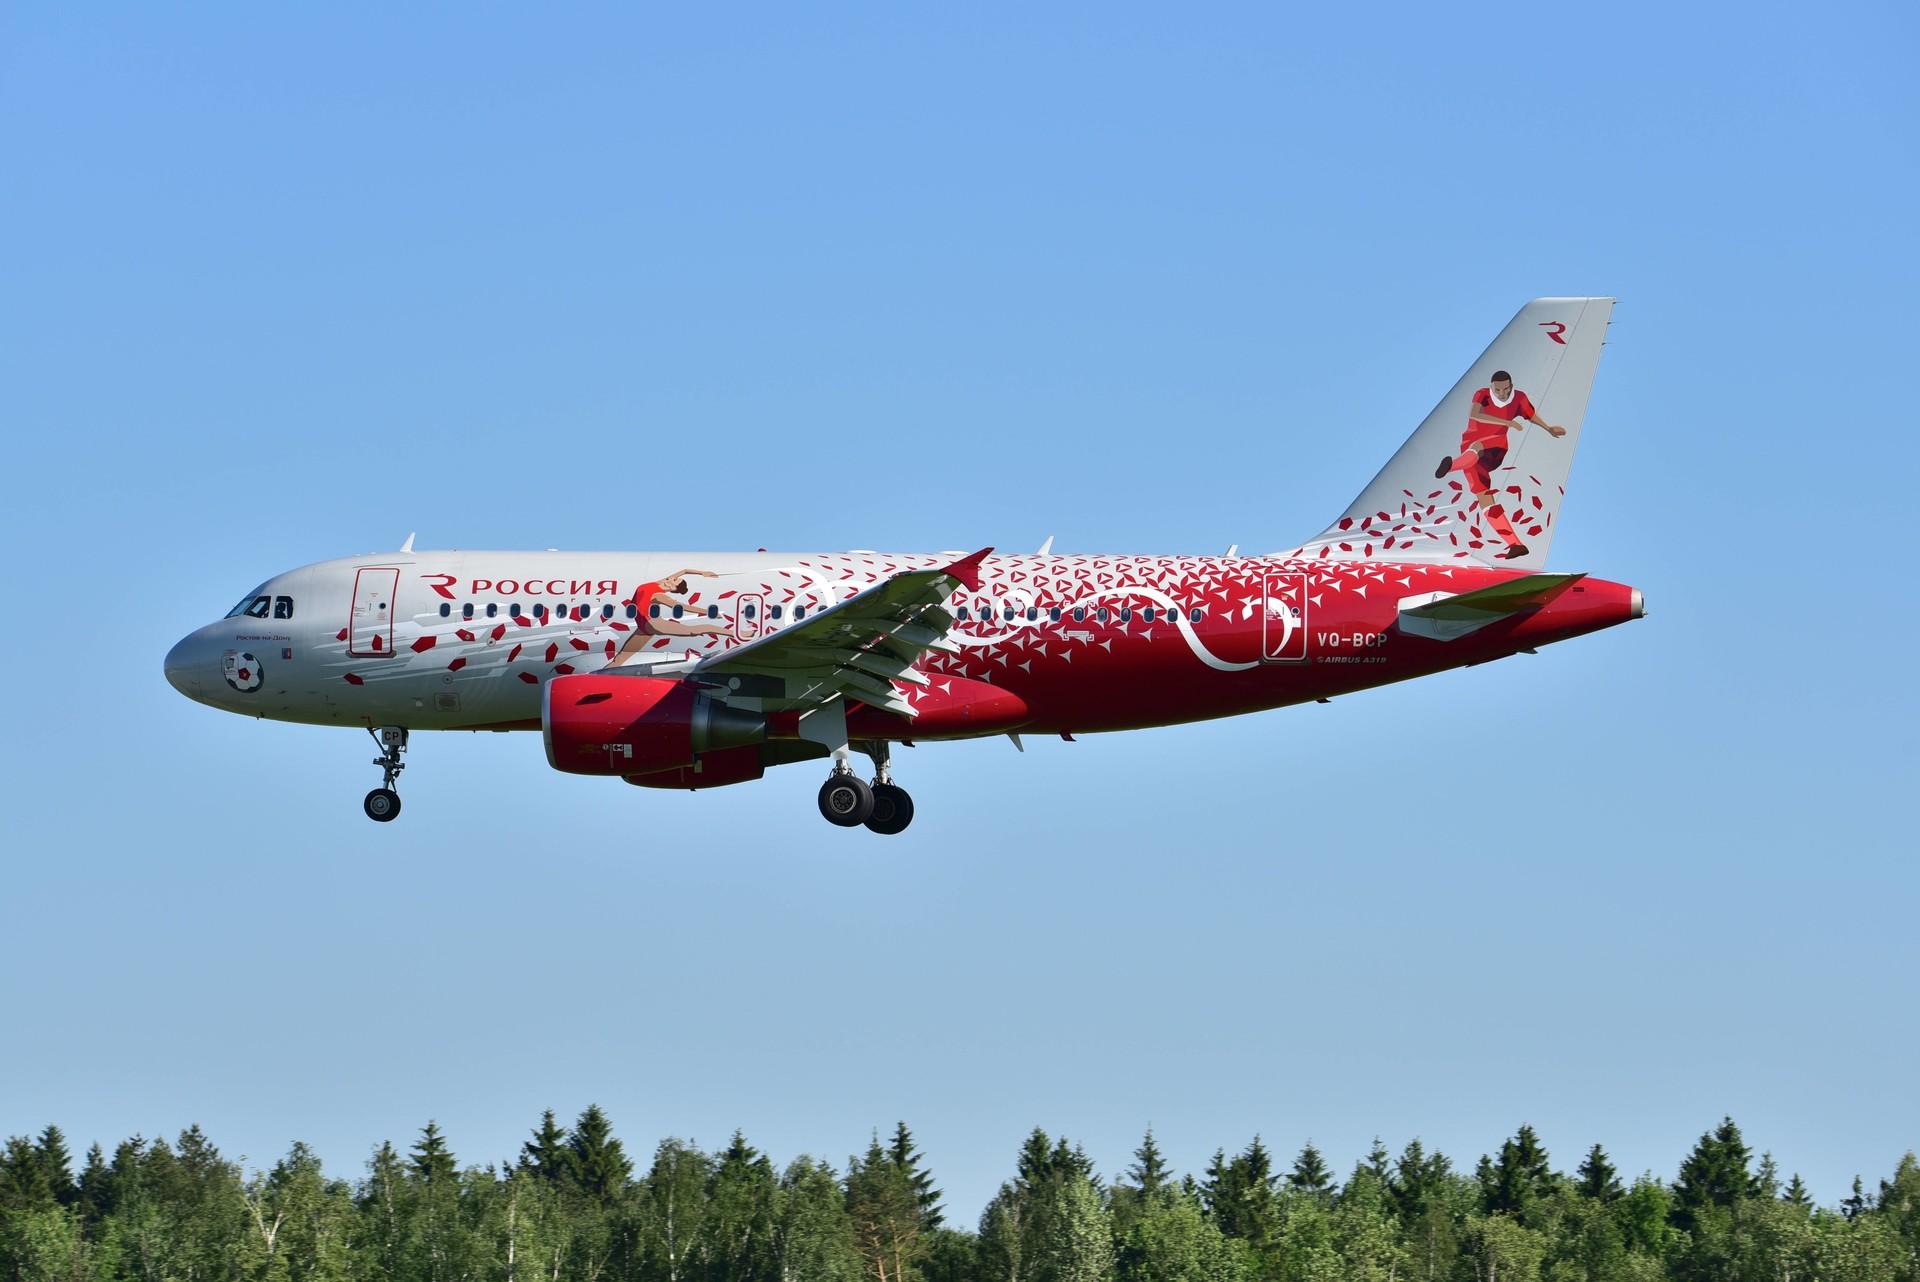 Aeroflot adalah maskapai penerbangan nasional Rusia dan yang terbesar di negara itu. Sementara, Rossiya Airlines merupakan anak perusahaan Aeroflot.